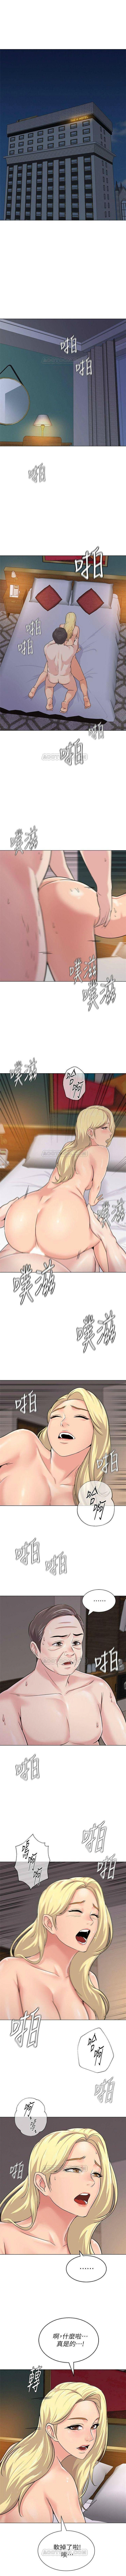 (周3)老师 1-56 中文翻译(更新中) 402